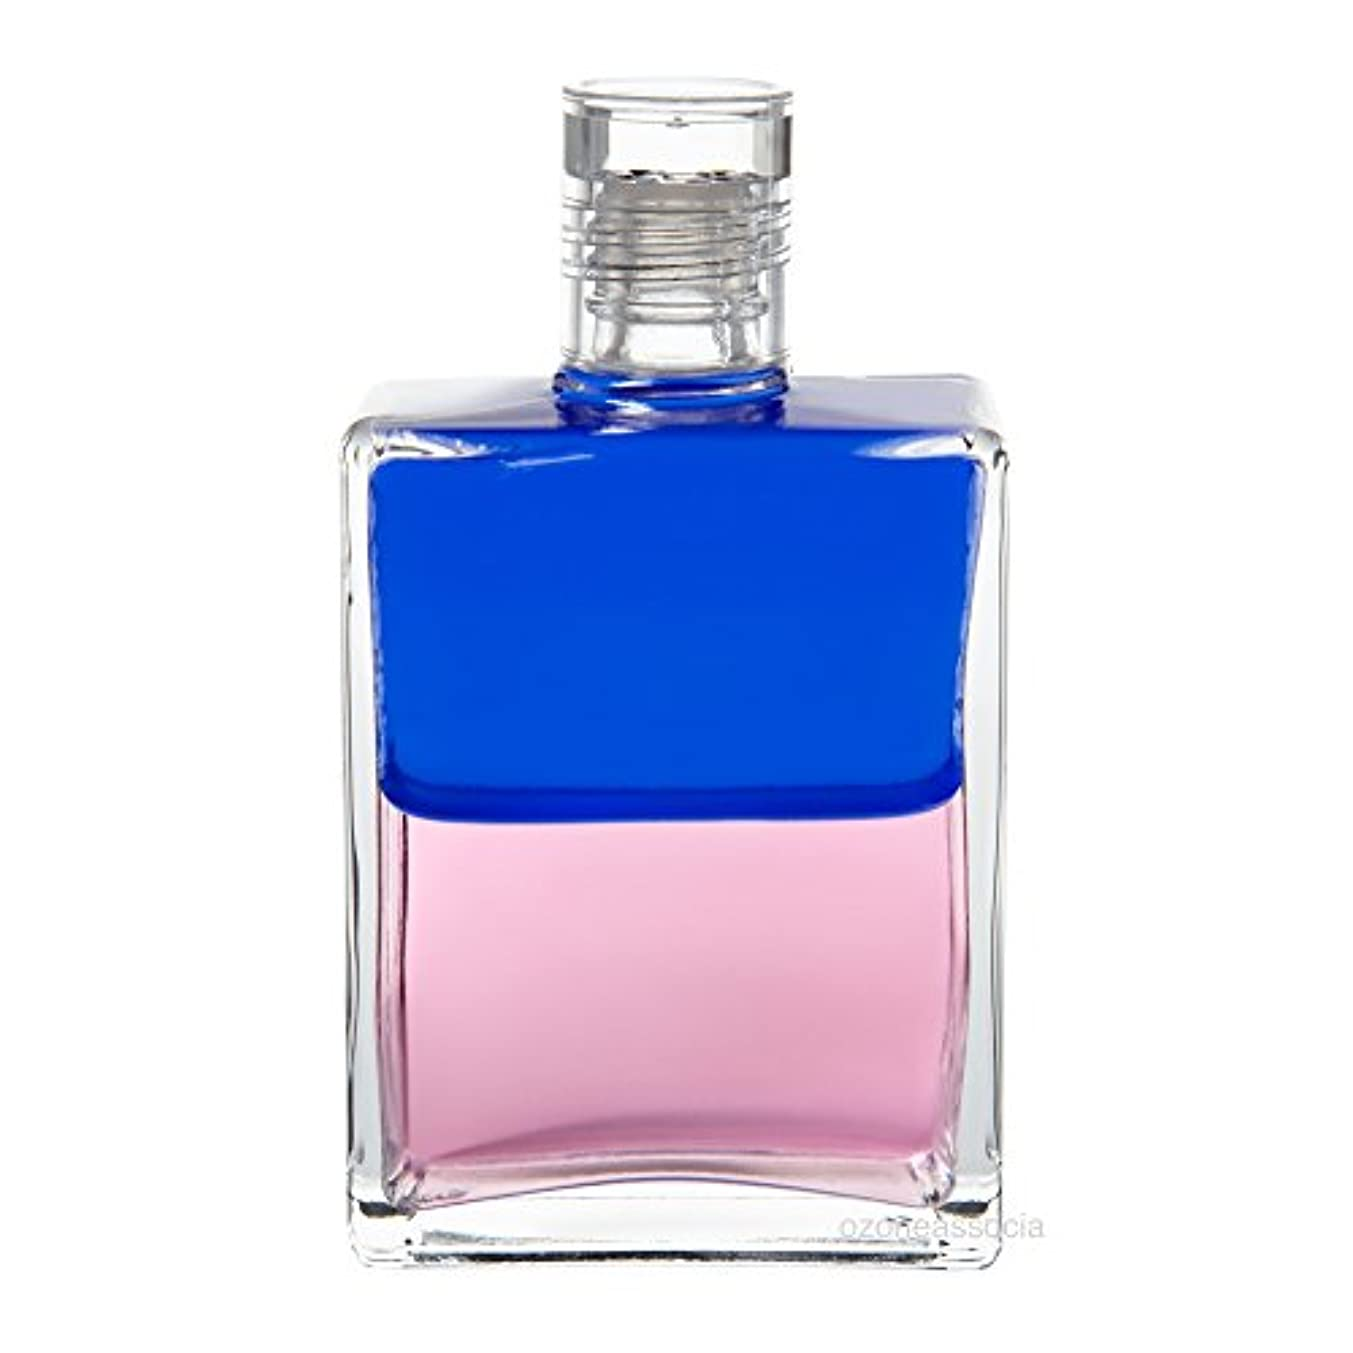 シーフード愛情ソーシャルオーラソーマ ボトル 20番  チャイルドレスキュー/スターチャイルド (ブルー/ピンク) イクイリブリアムボトル50ml Aurasoma